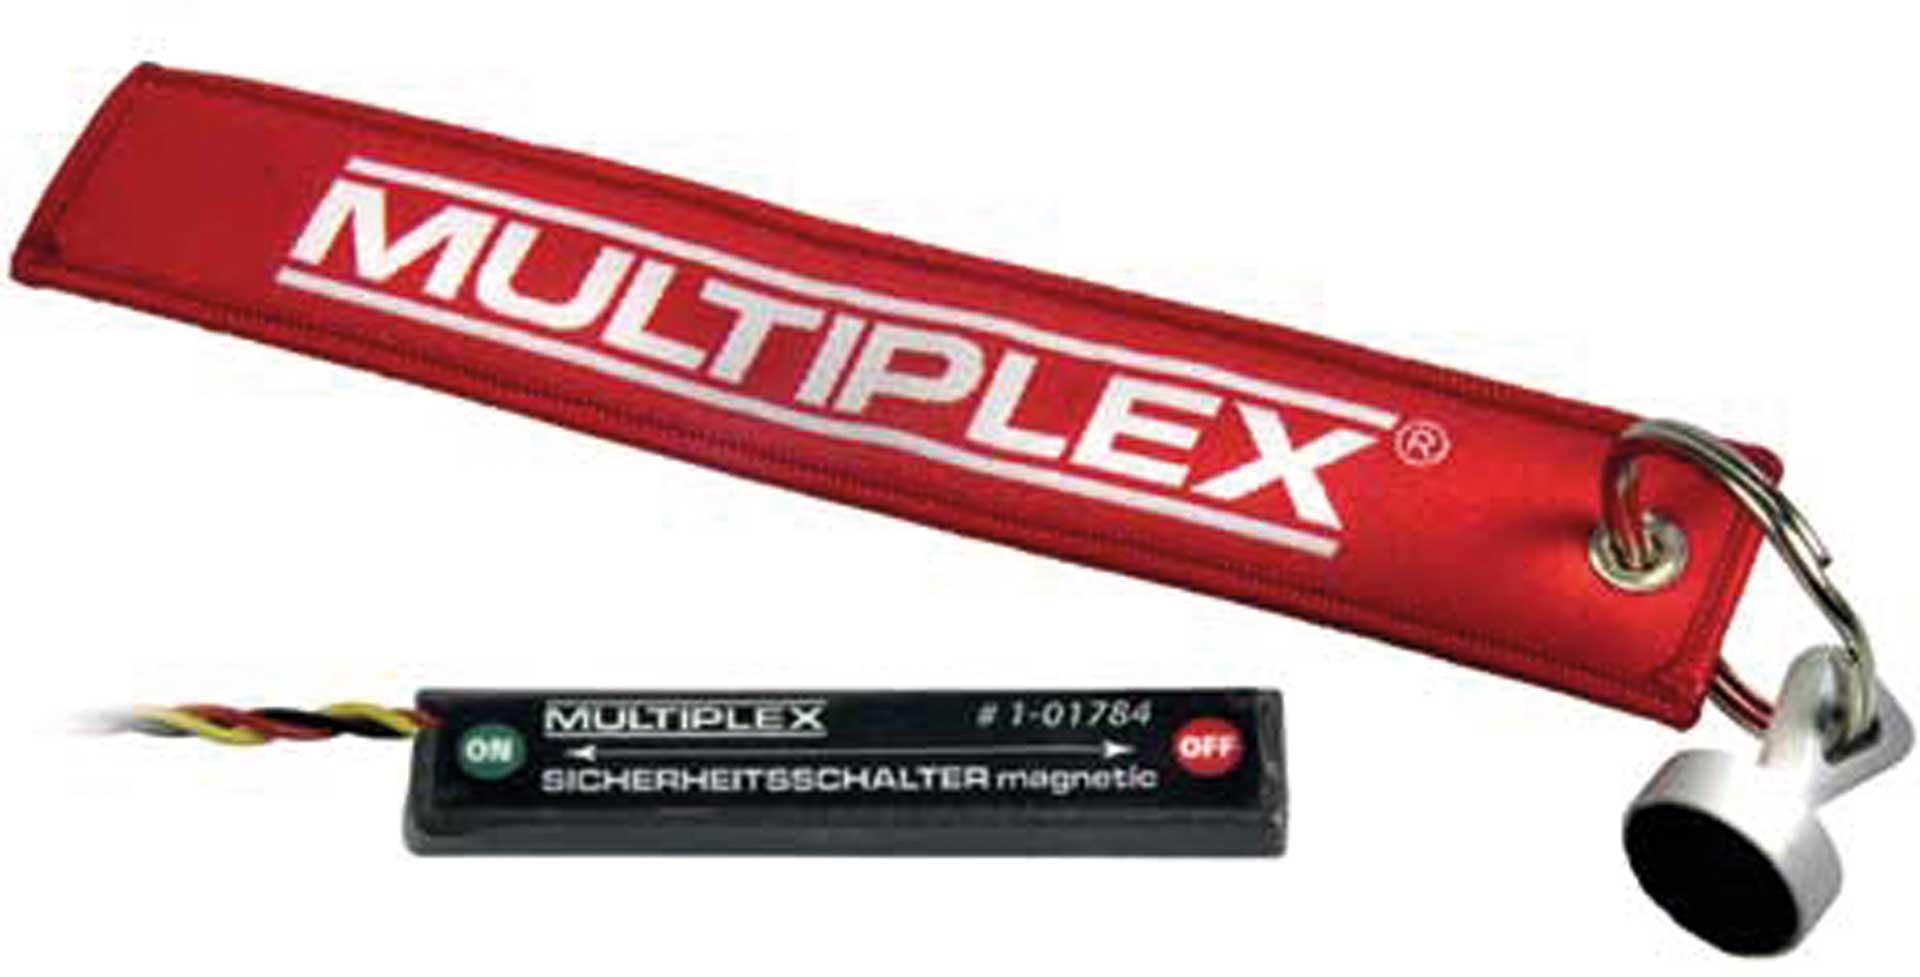 MULTIPLEX Sicherheitsschalter magnetic